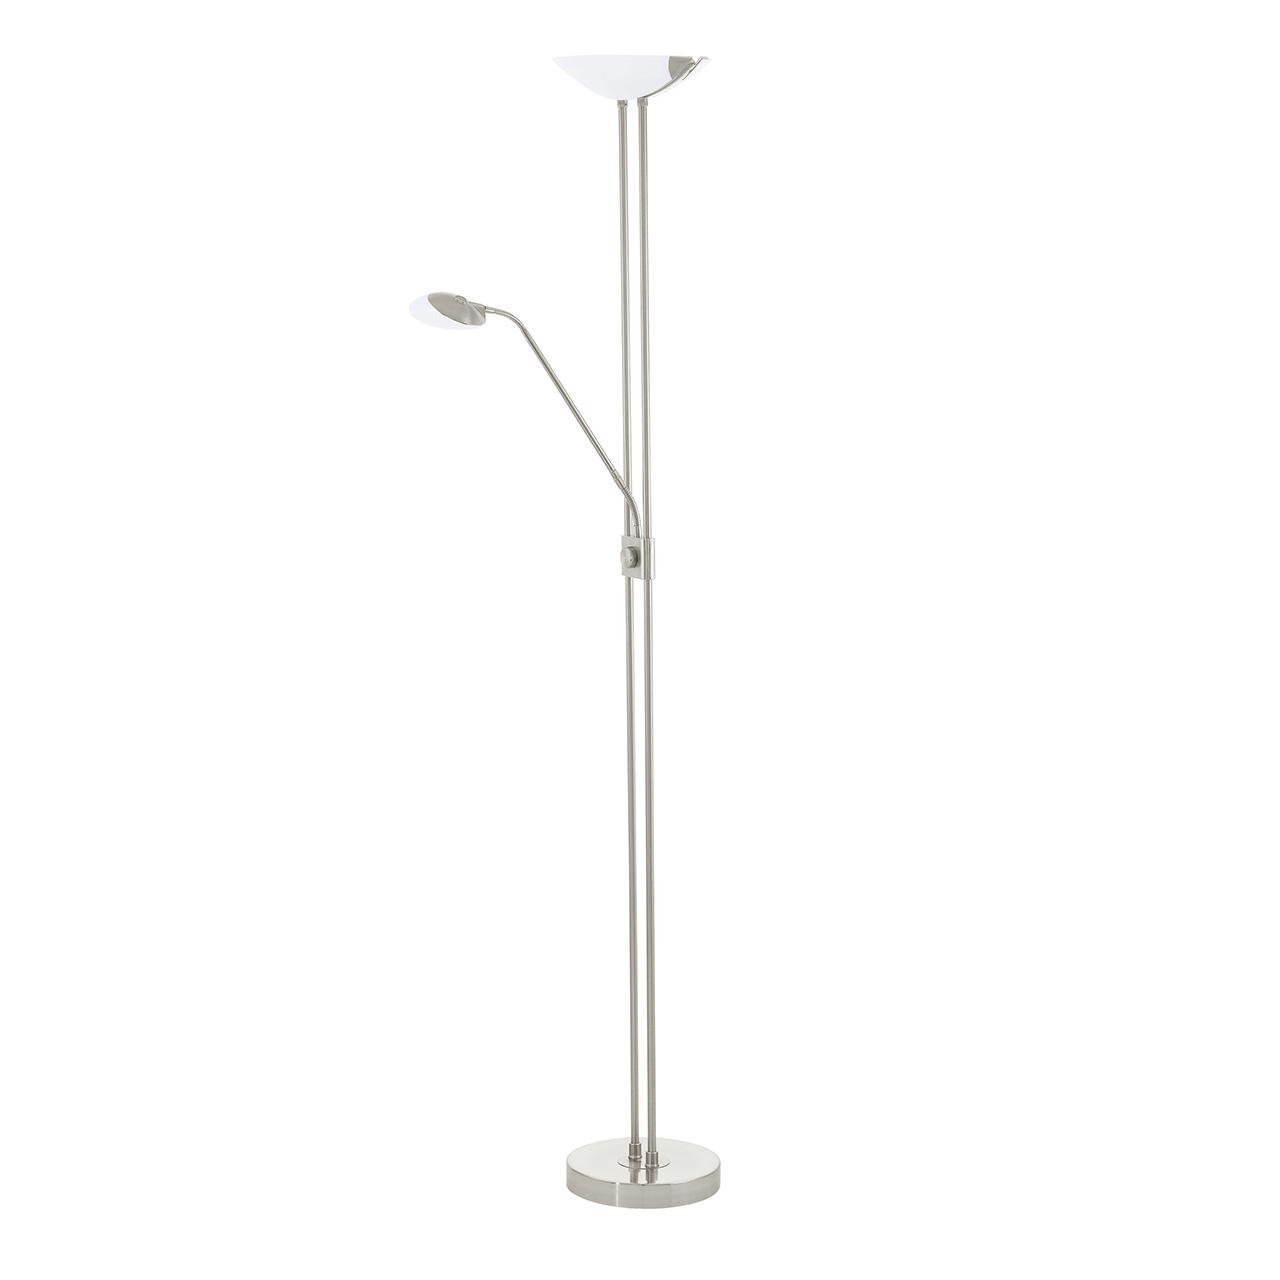 Напольный светильник Eglo, LED, 20 Вт торшер eglo baya 85976